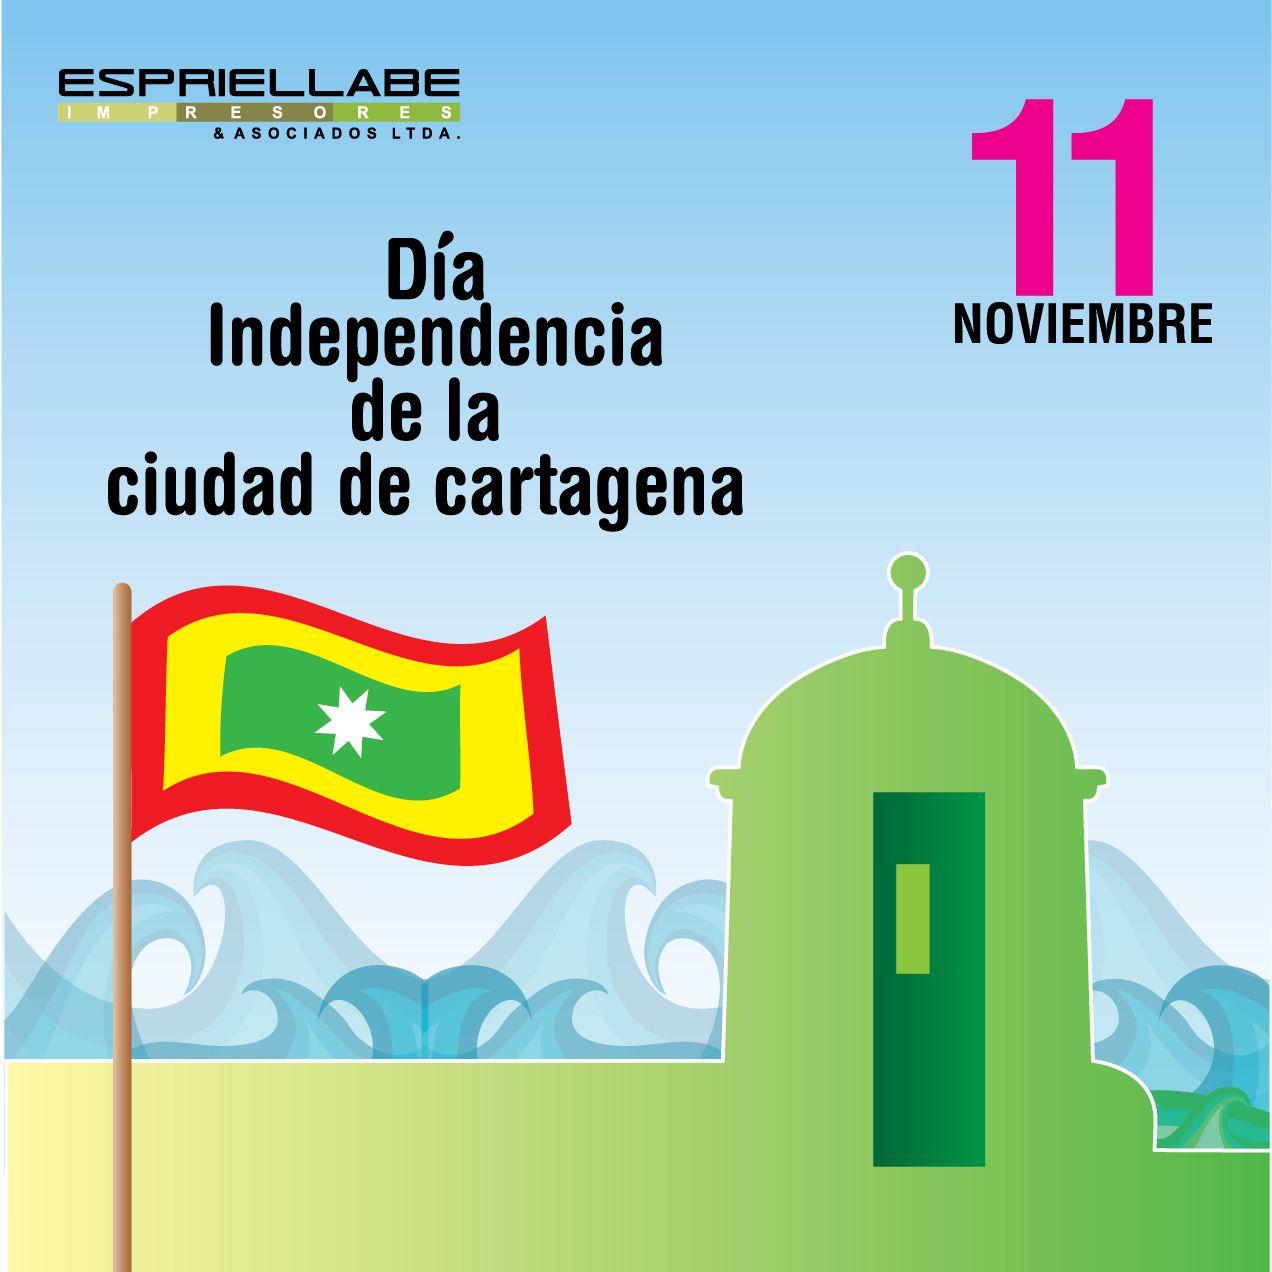 La independencia de cartagena